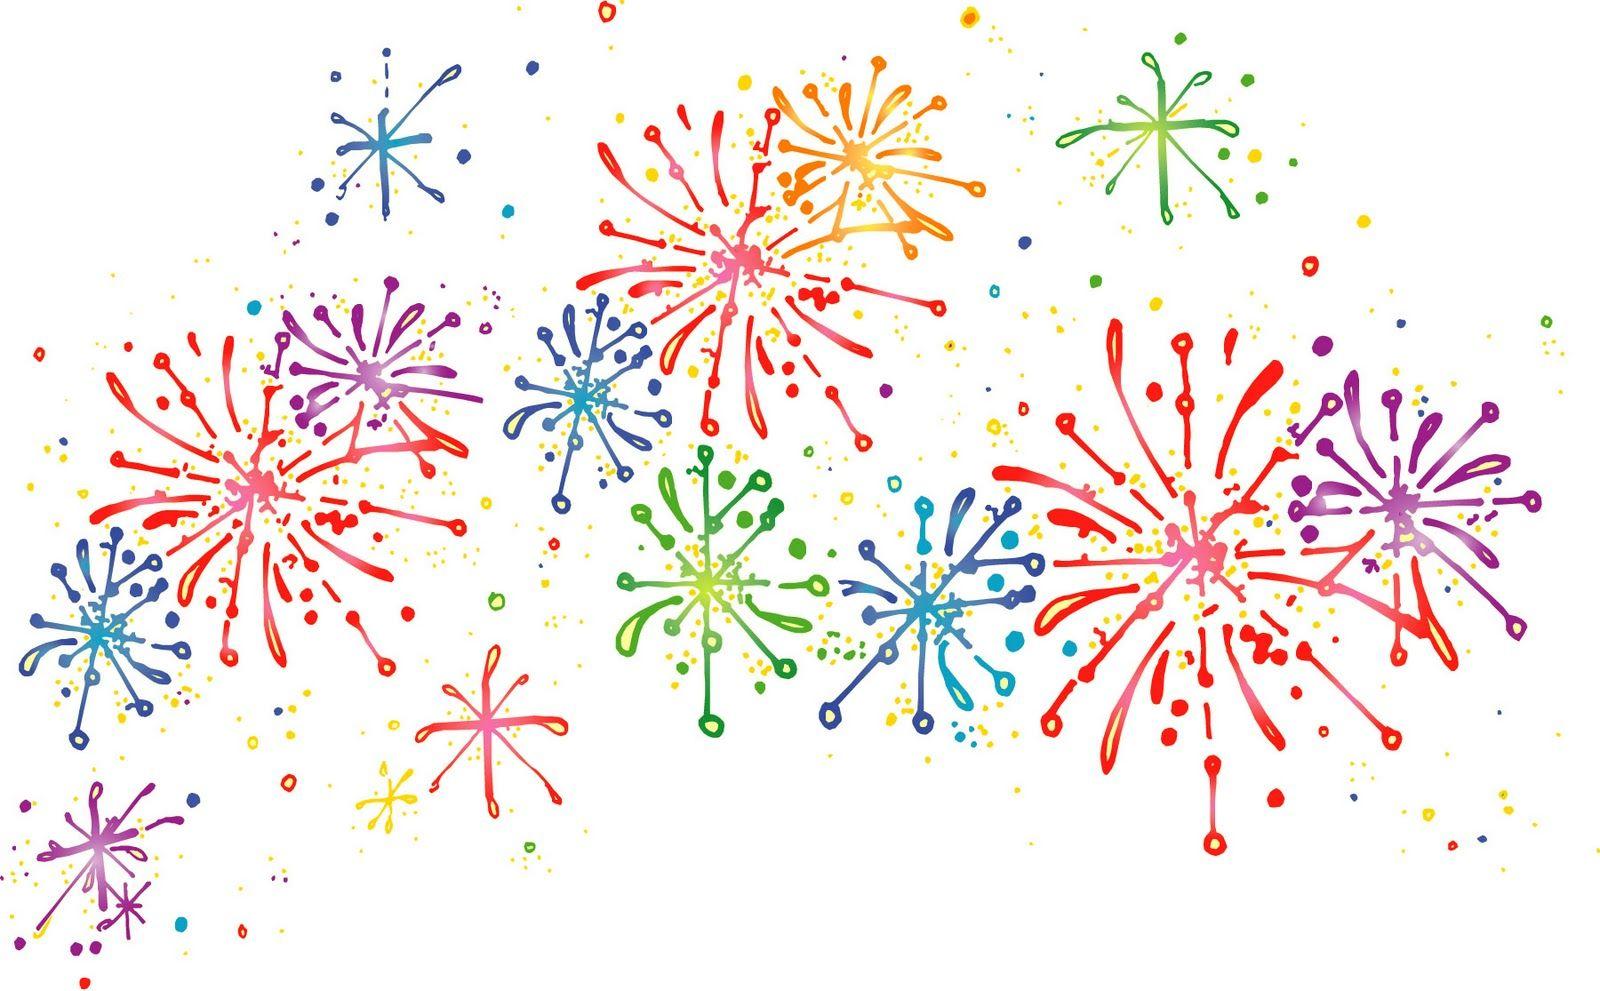 fireworks clipart free [ 1600 x 991 Pixel ]